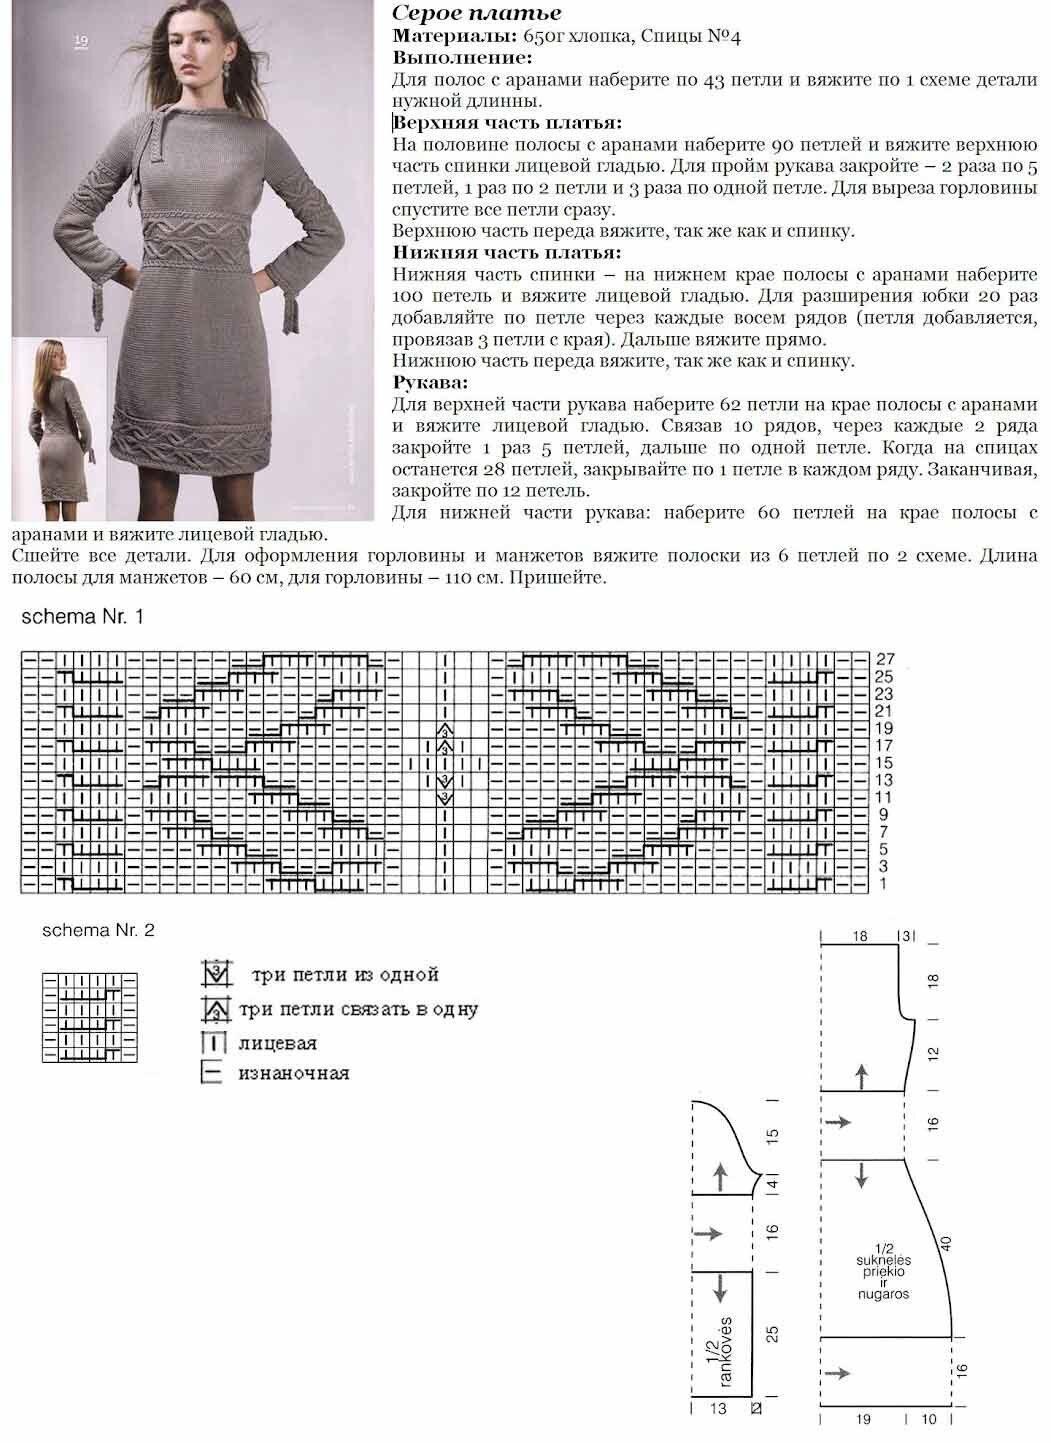 ниппельная поилка схема как связать вязаное платье фото территории